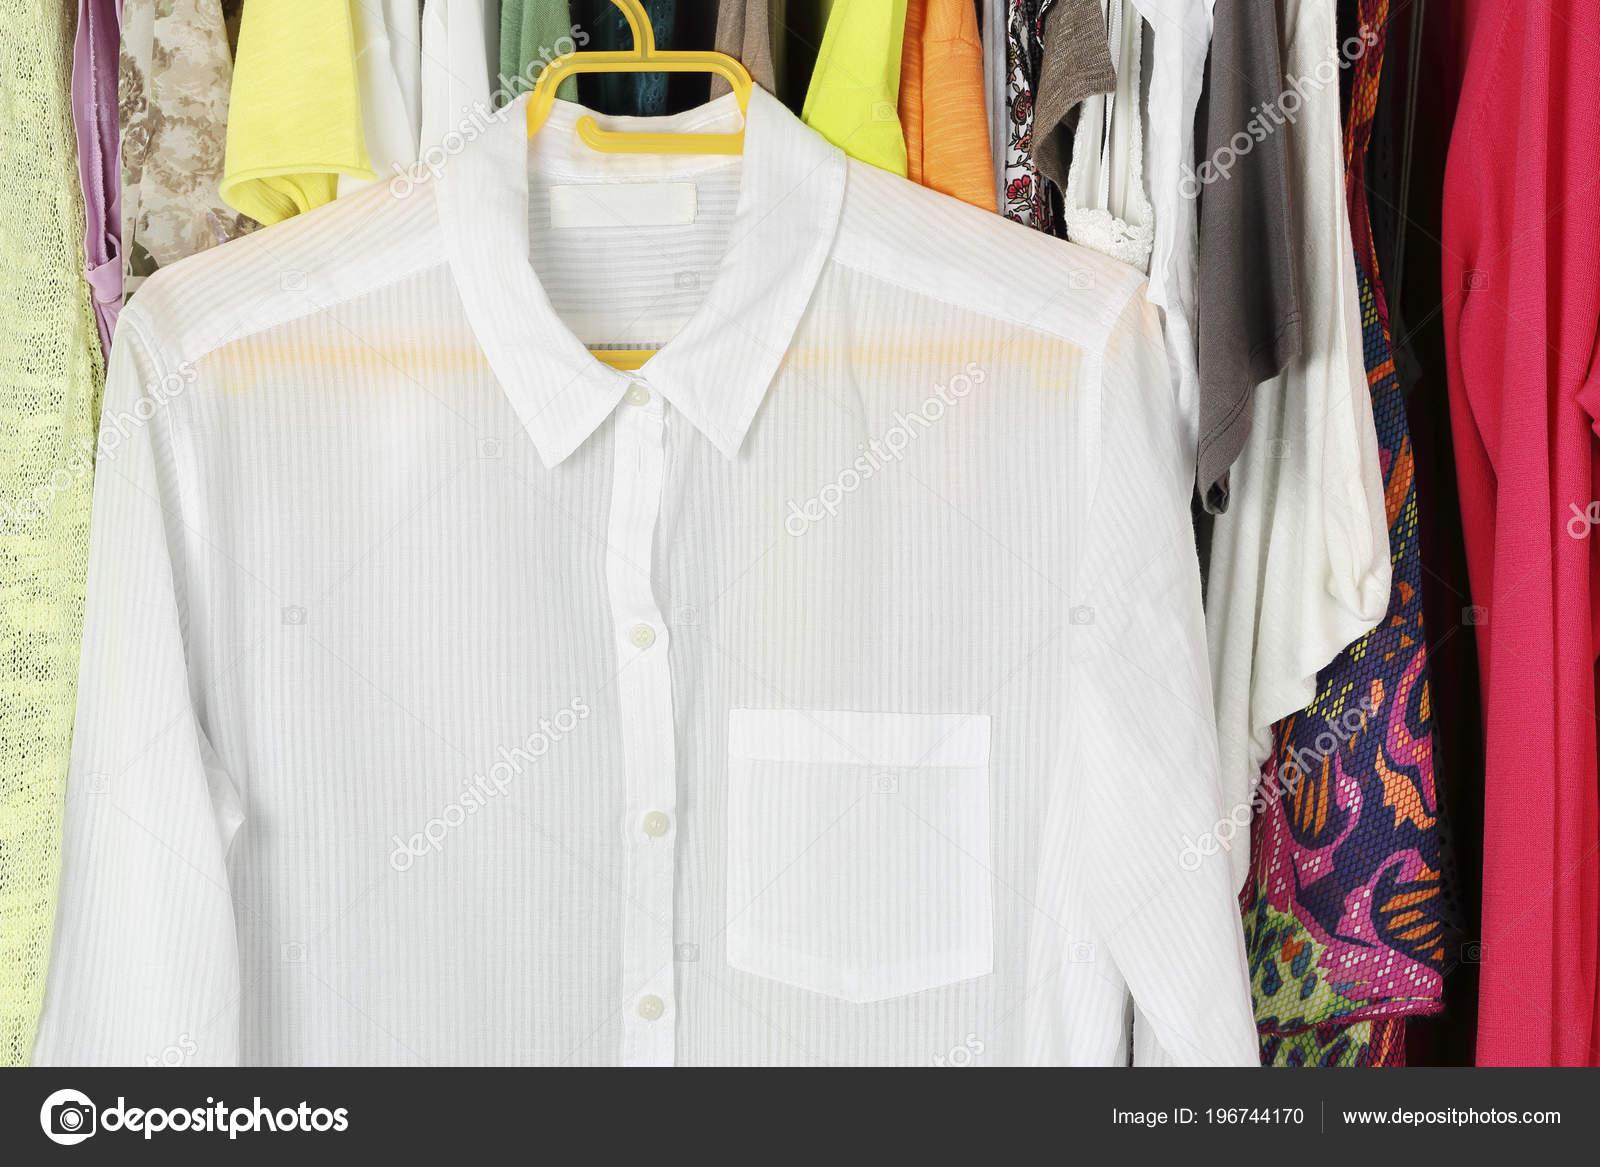 Λευκή Διάφανη Μπλούζα Κρεμάστρα Μπροστά Από Άλλα Γυναικεία Ρούχα Στην —  Φωτογραφία Αρχείου 64af1722fb8